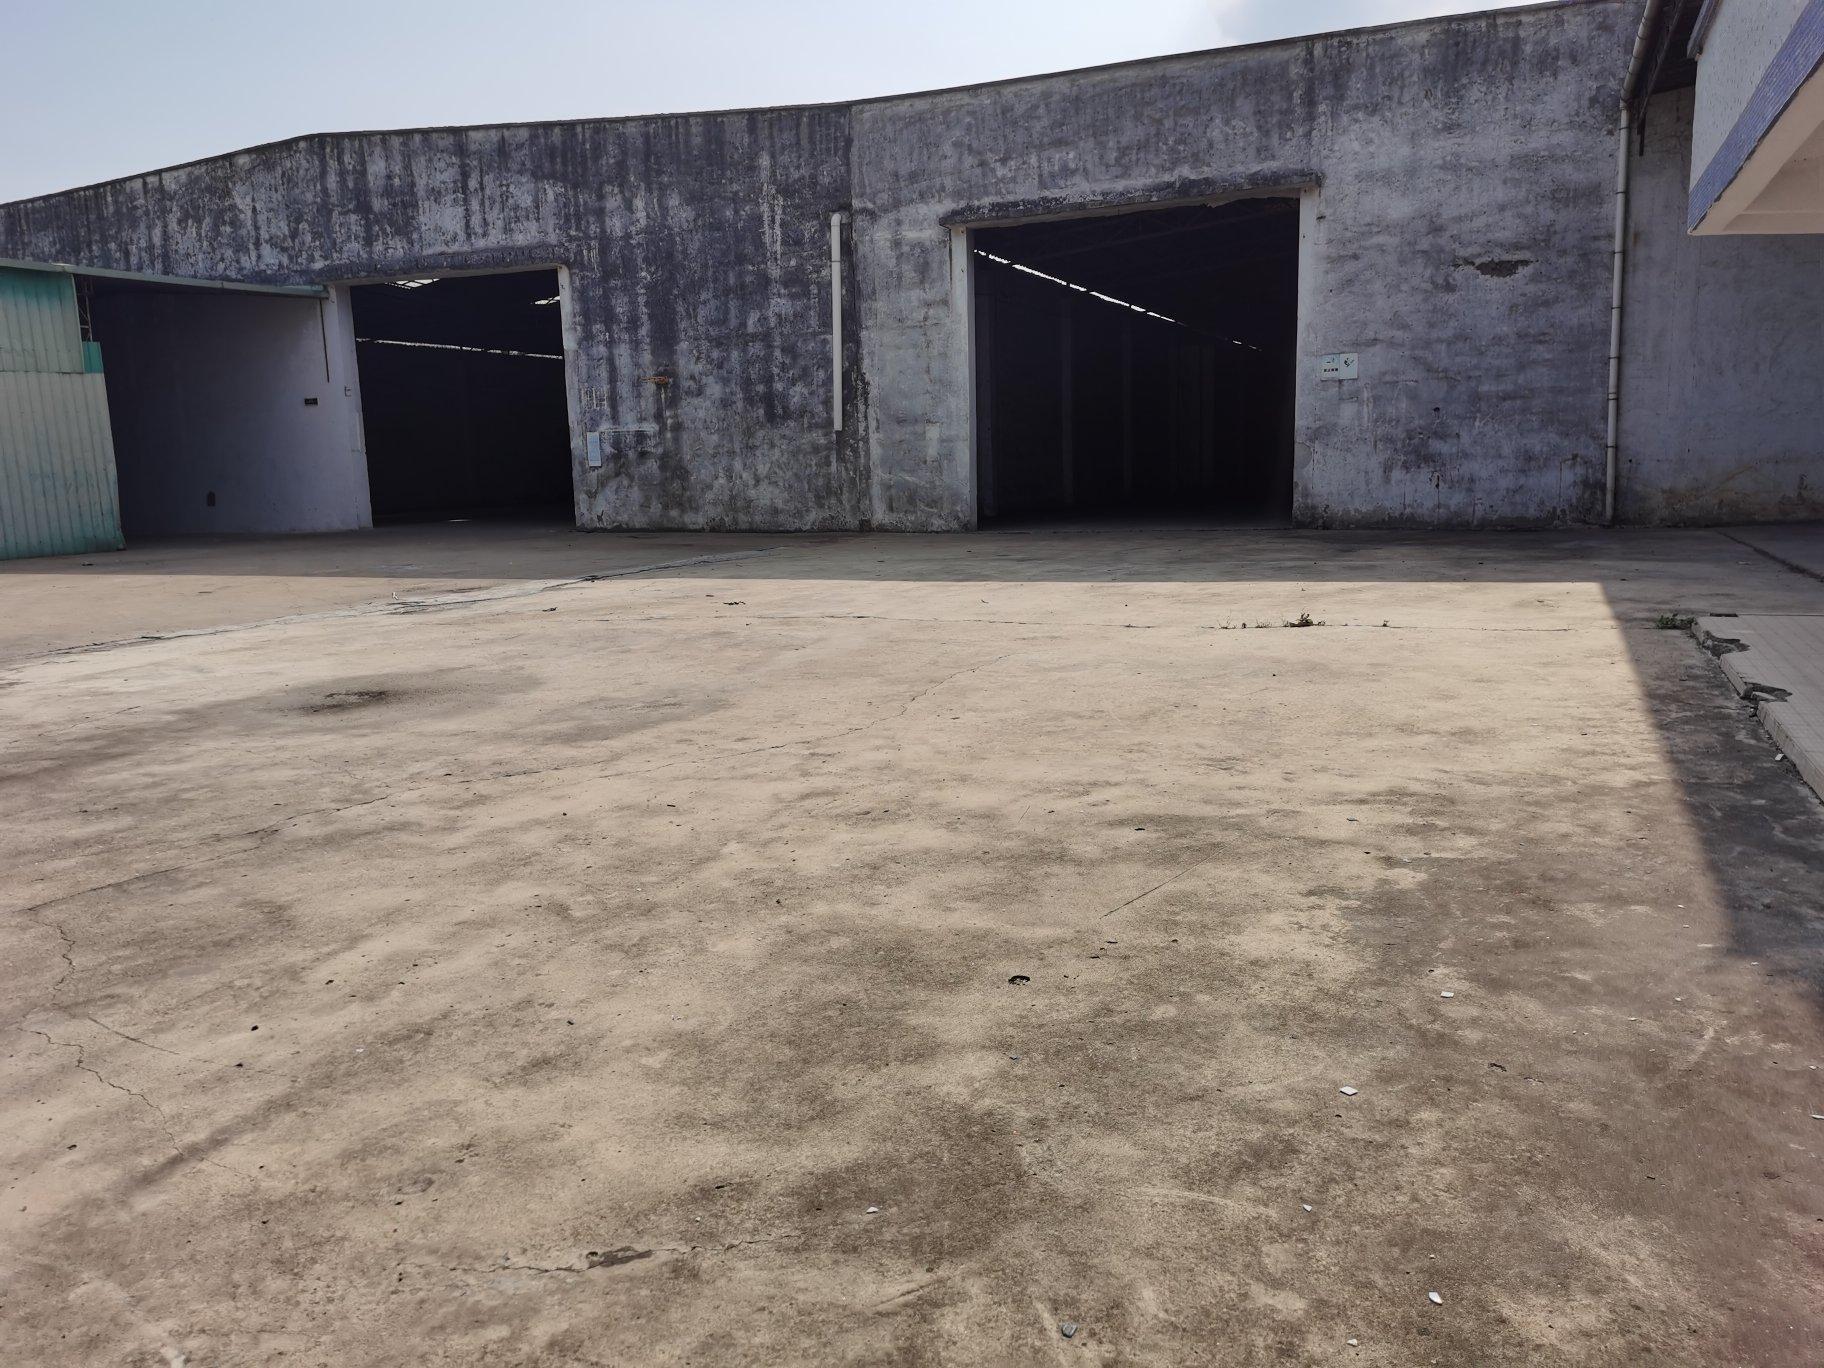 园洲镇简易砖抢到顶厂房招租,超大空地,交通便利,成熟工业区